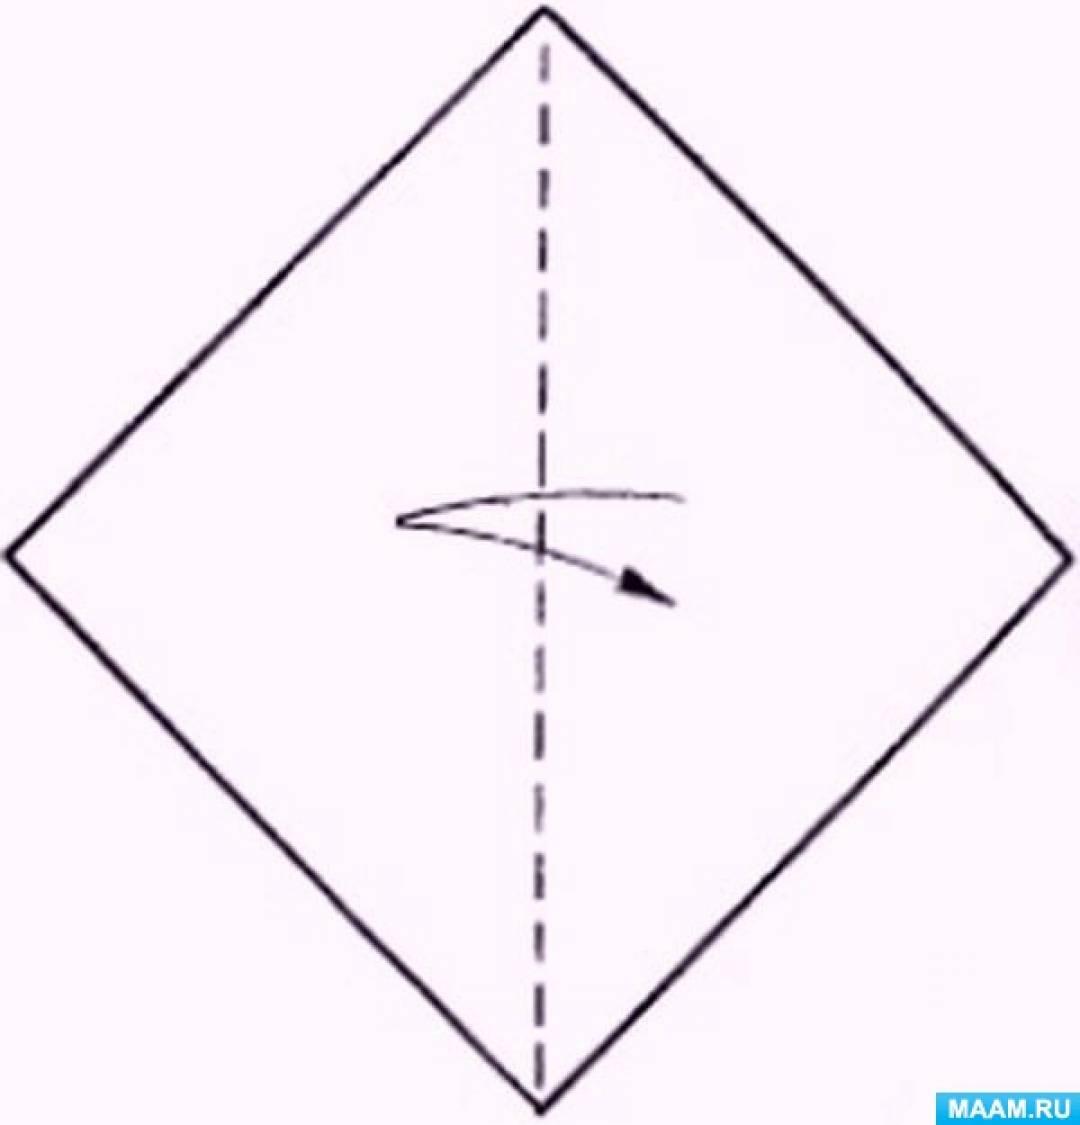 «Парусник». Конспект НОД по конструированию из бумаги способом оригами для детей средней группы